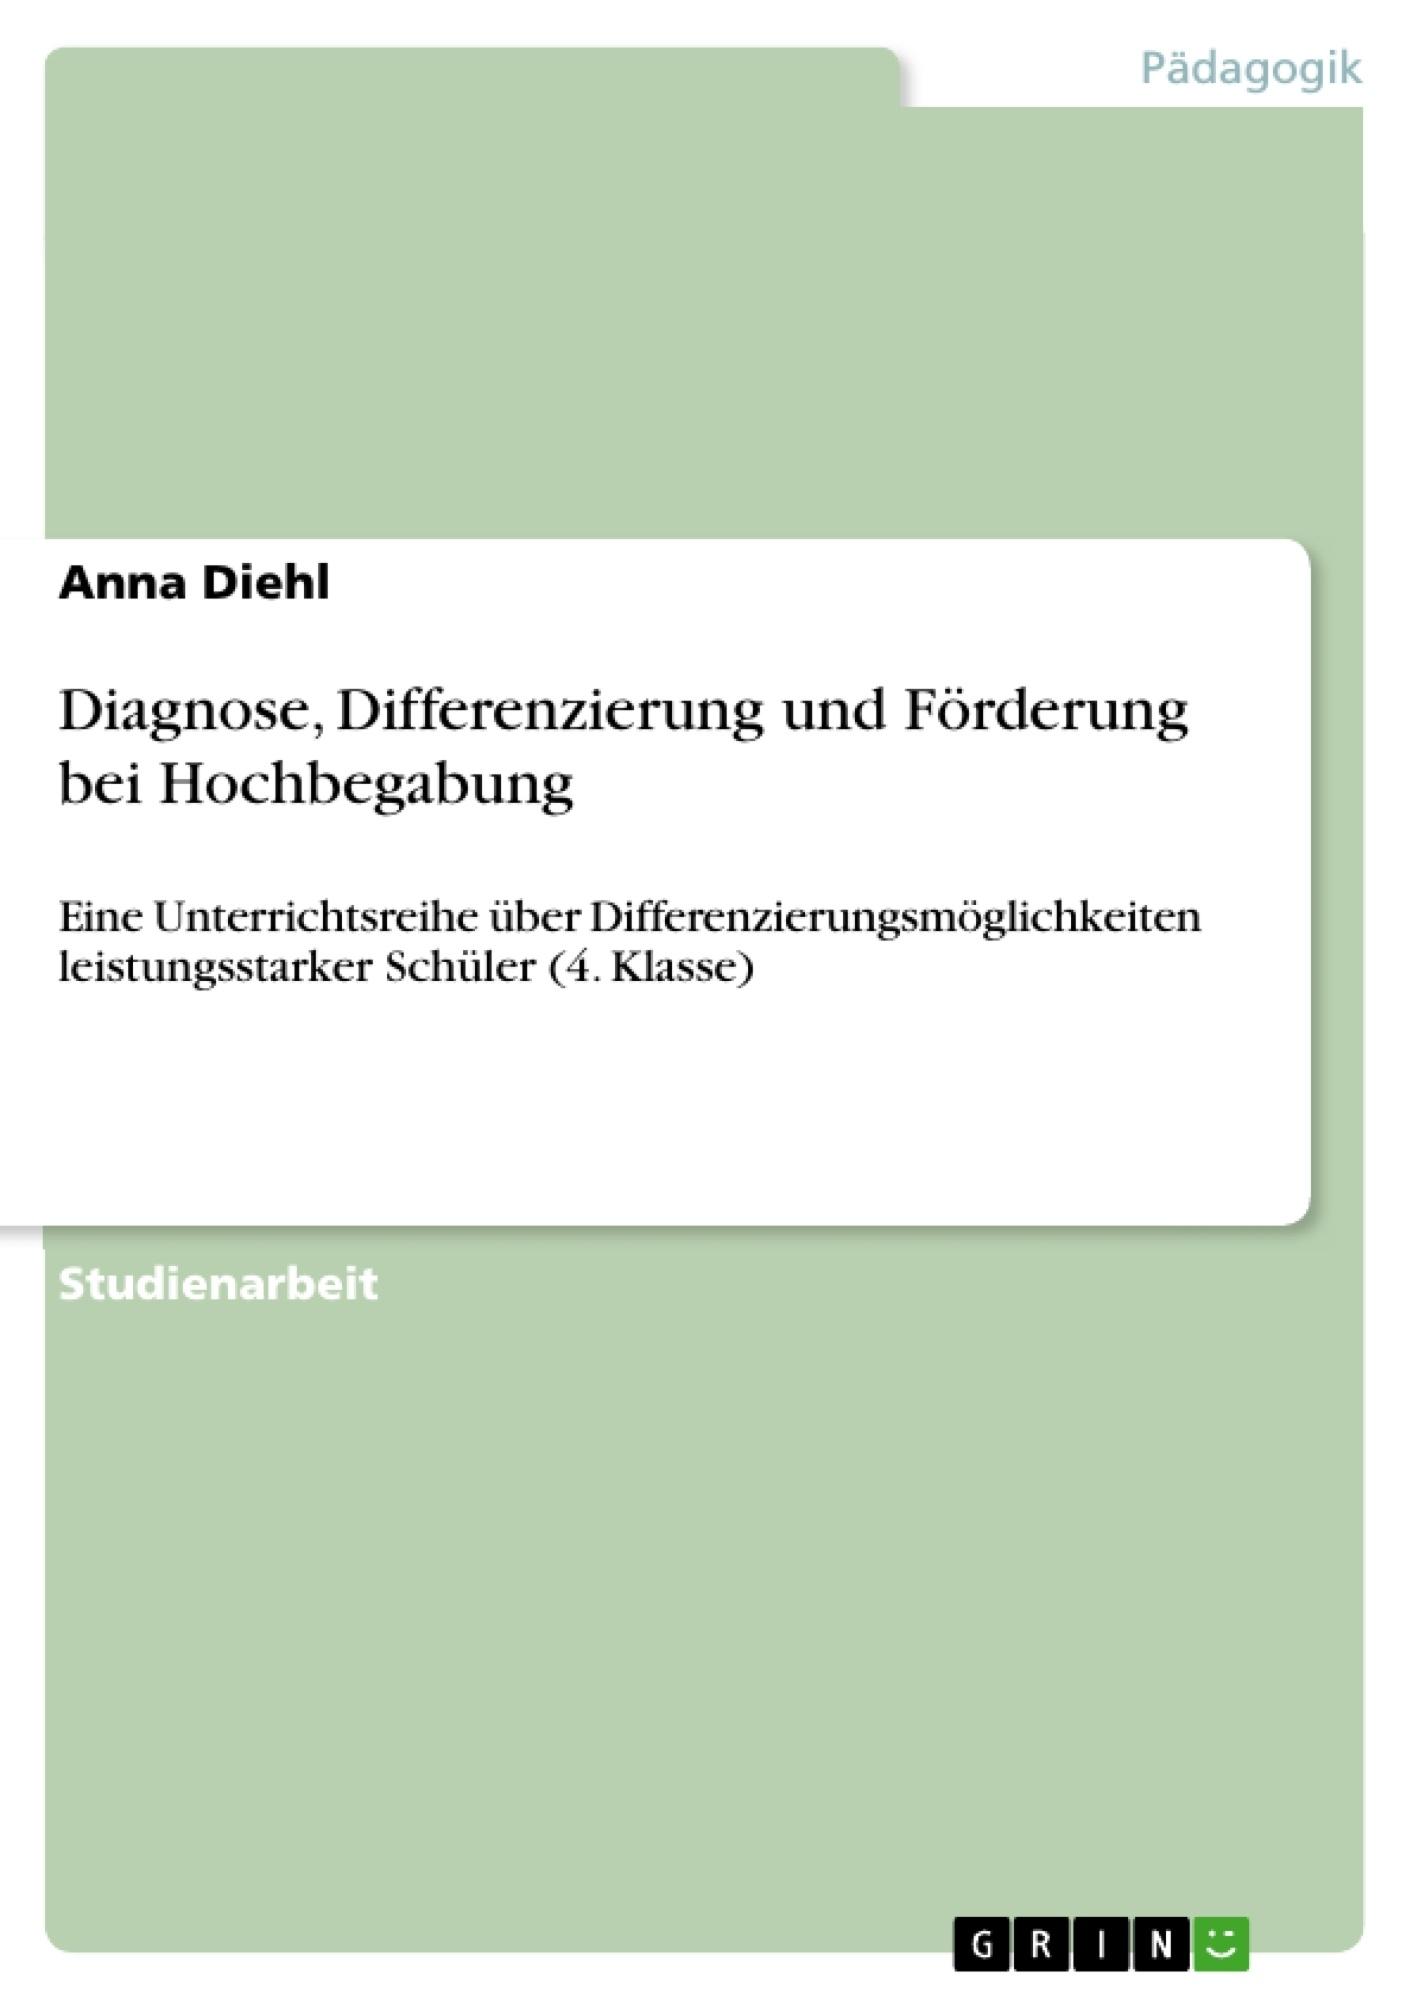 Titel: Diagnose, Differenzierung und Förderung bei Hochbegabung